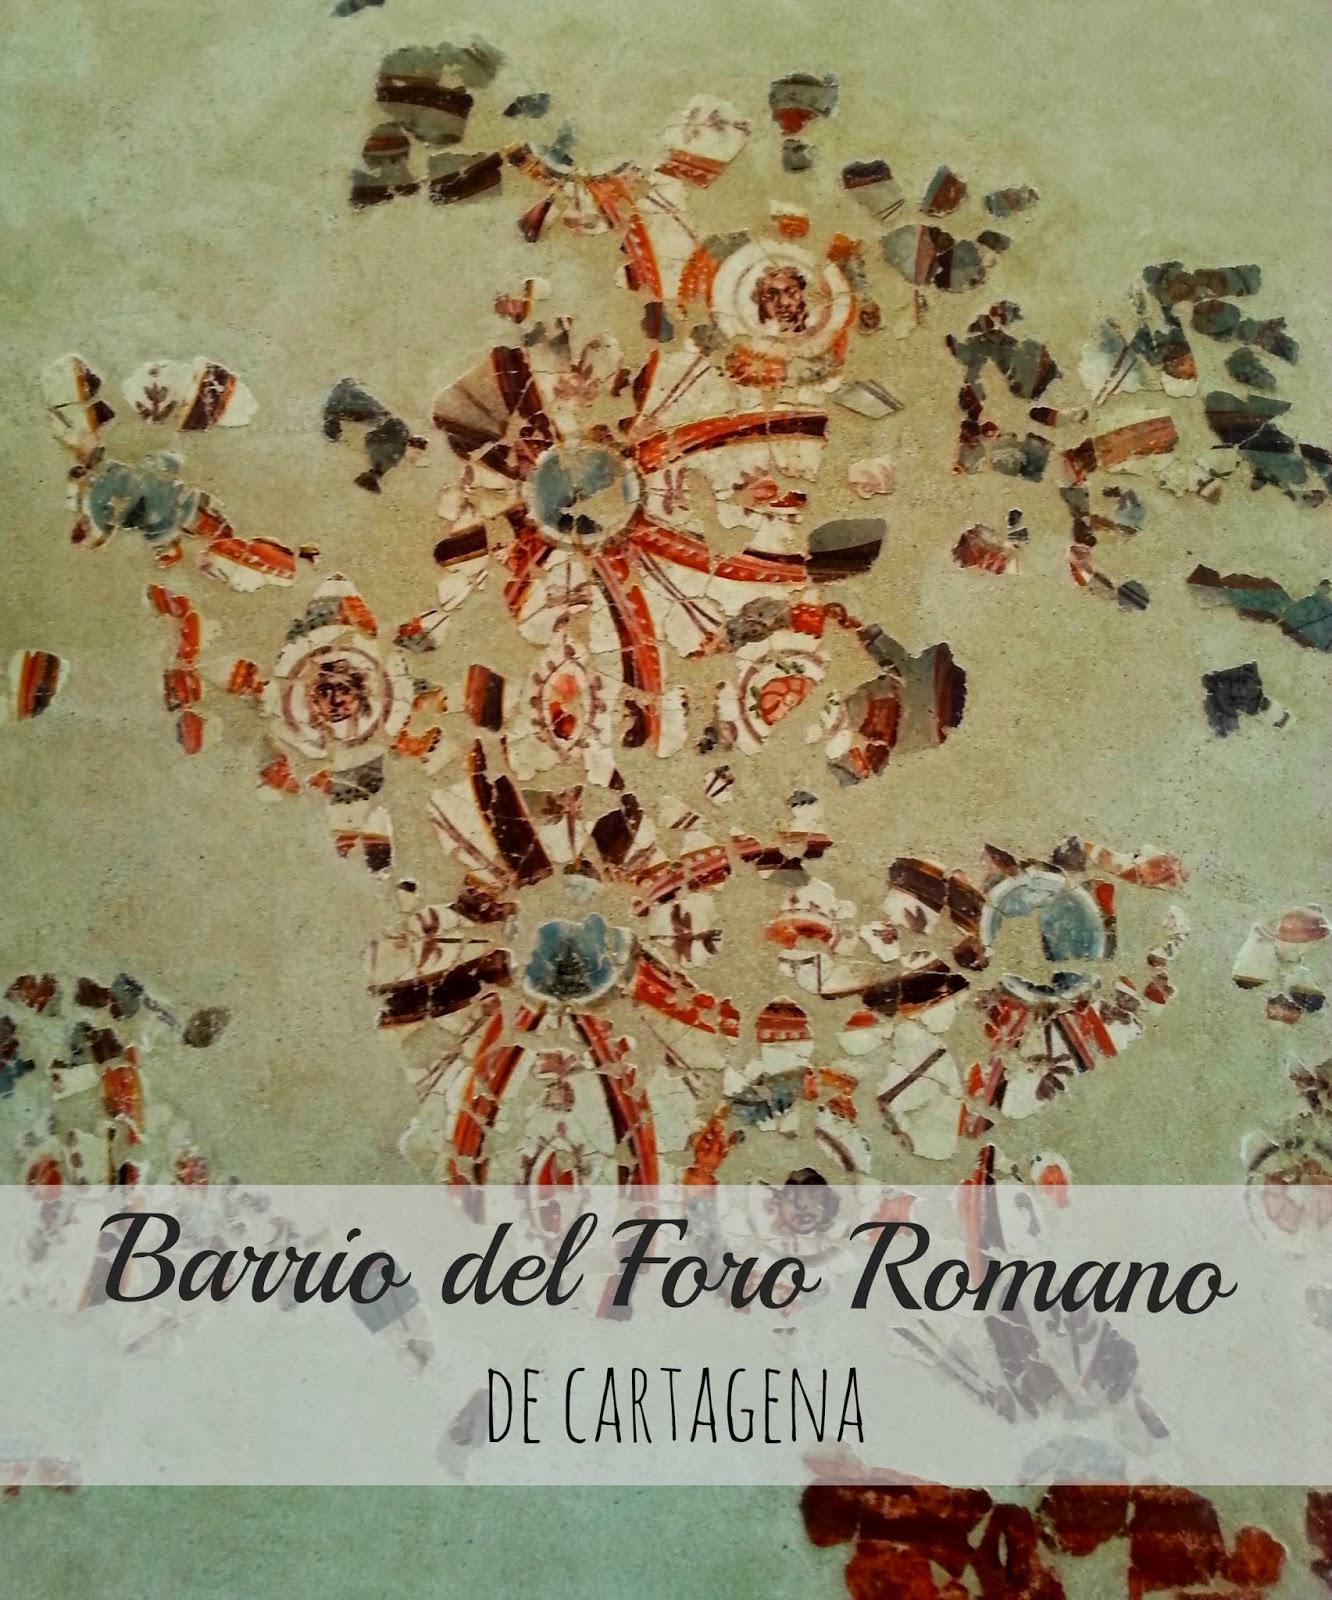 Barrio del Foro Romano de Cartagena